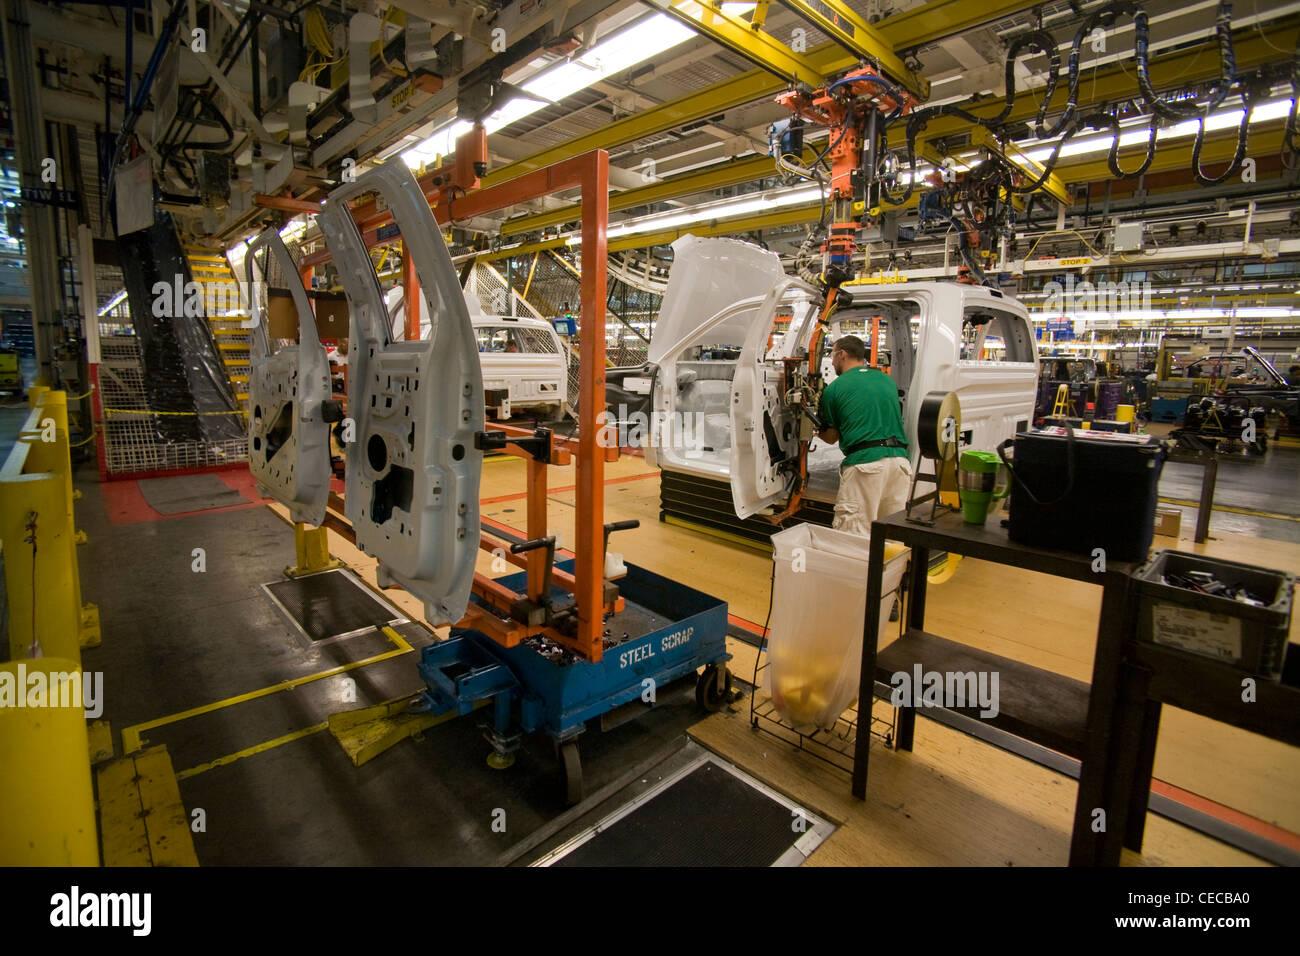 Ein Fabrikarbeiter installiert-Tür-Hardware auf eine f-150 Pickup-Truck am Fließband Ford Endmontage Pflanze Stockbild